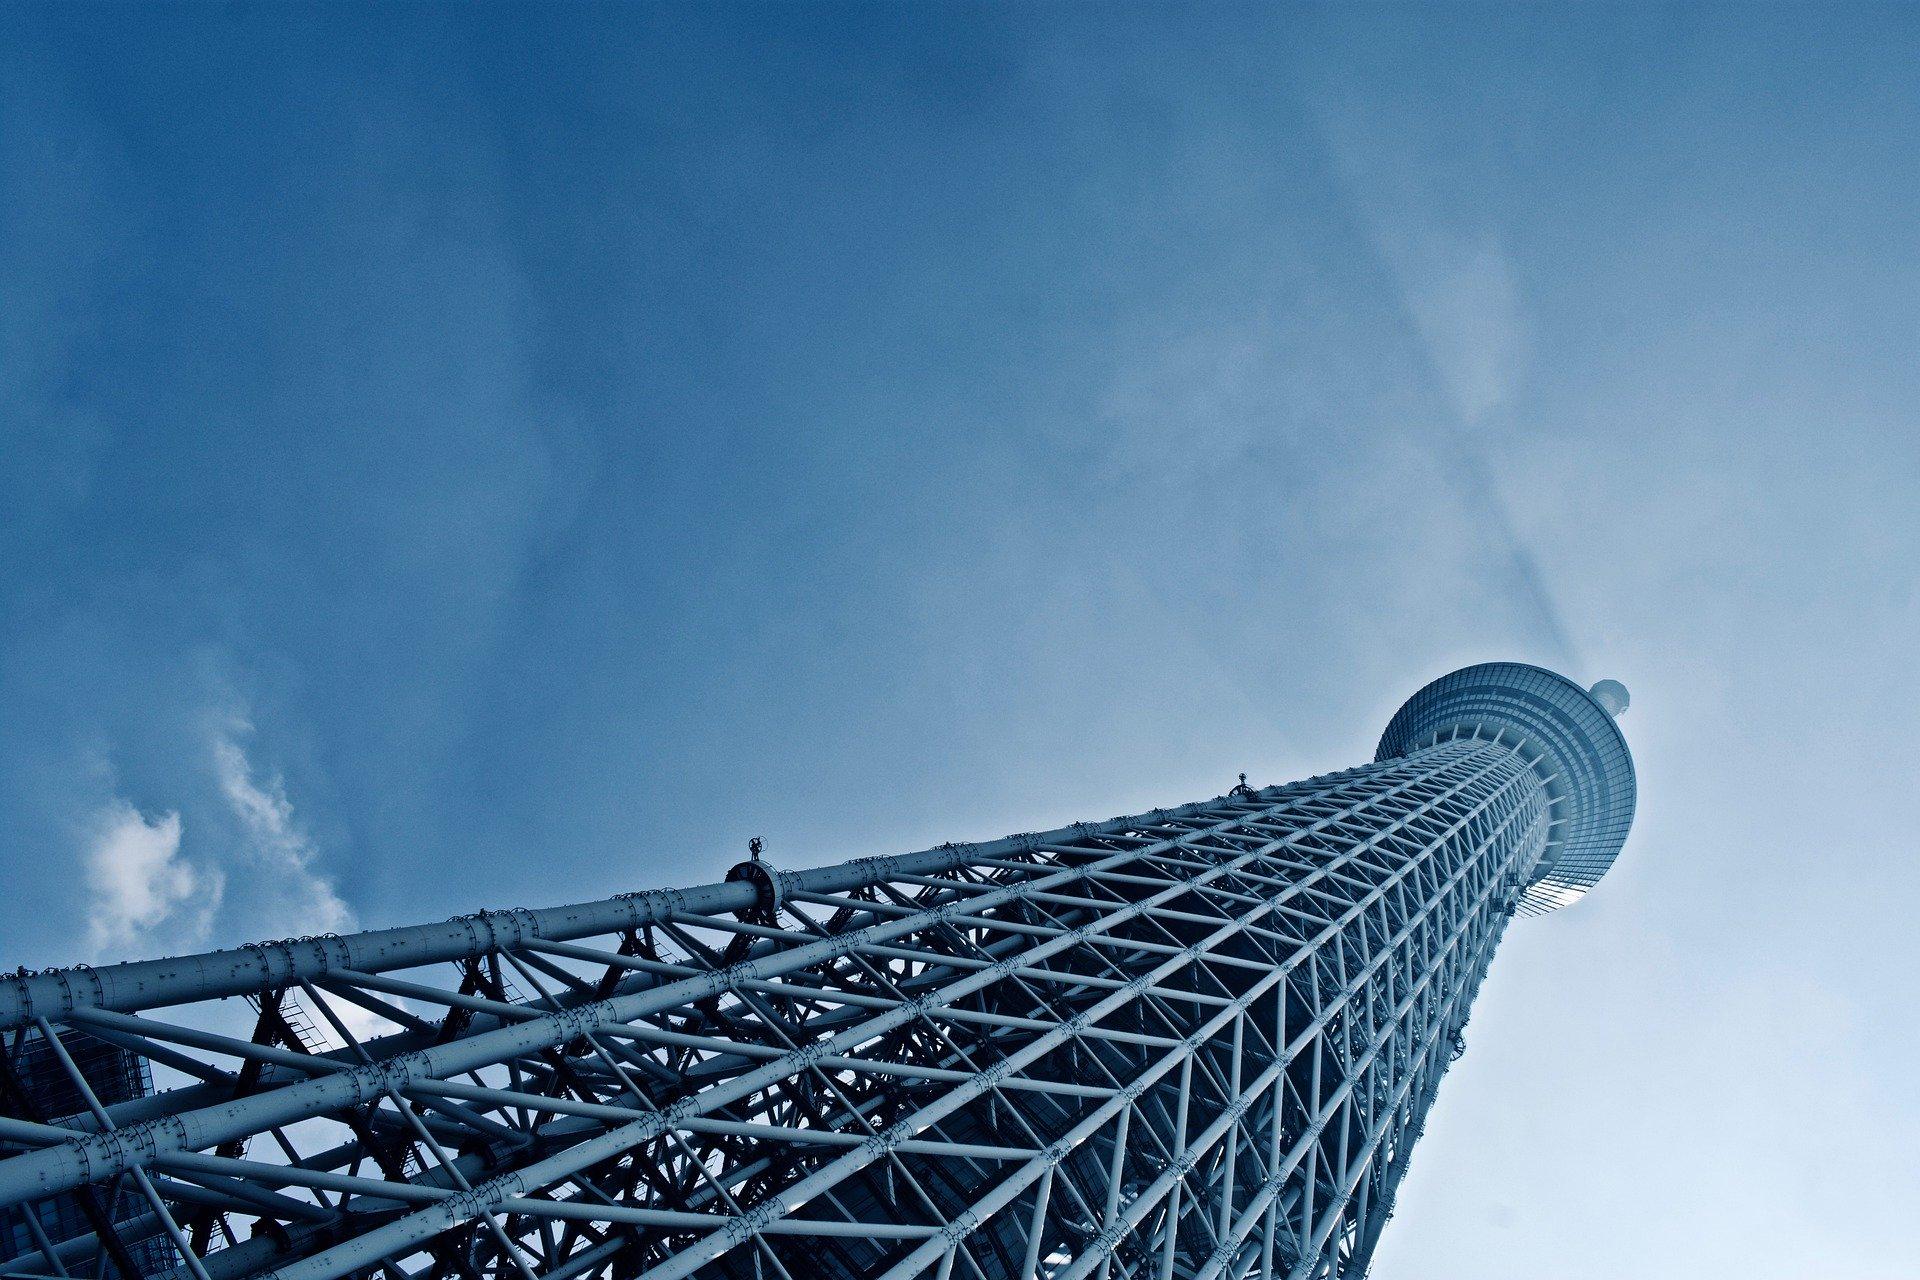 東京スカイツリーの建設について